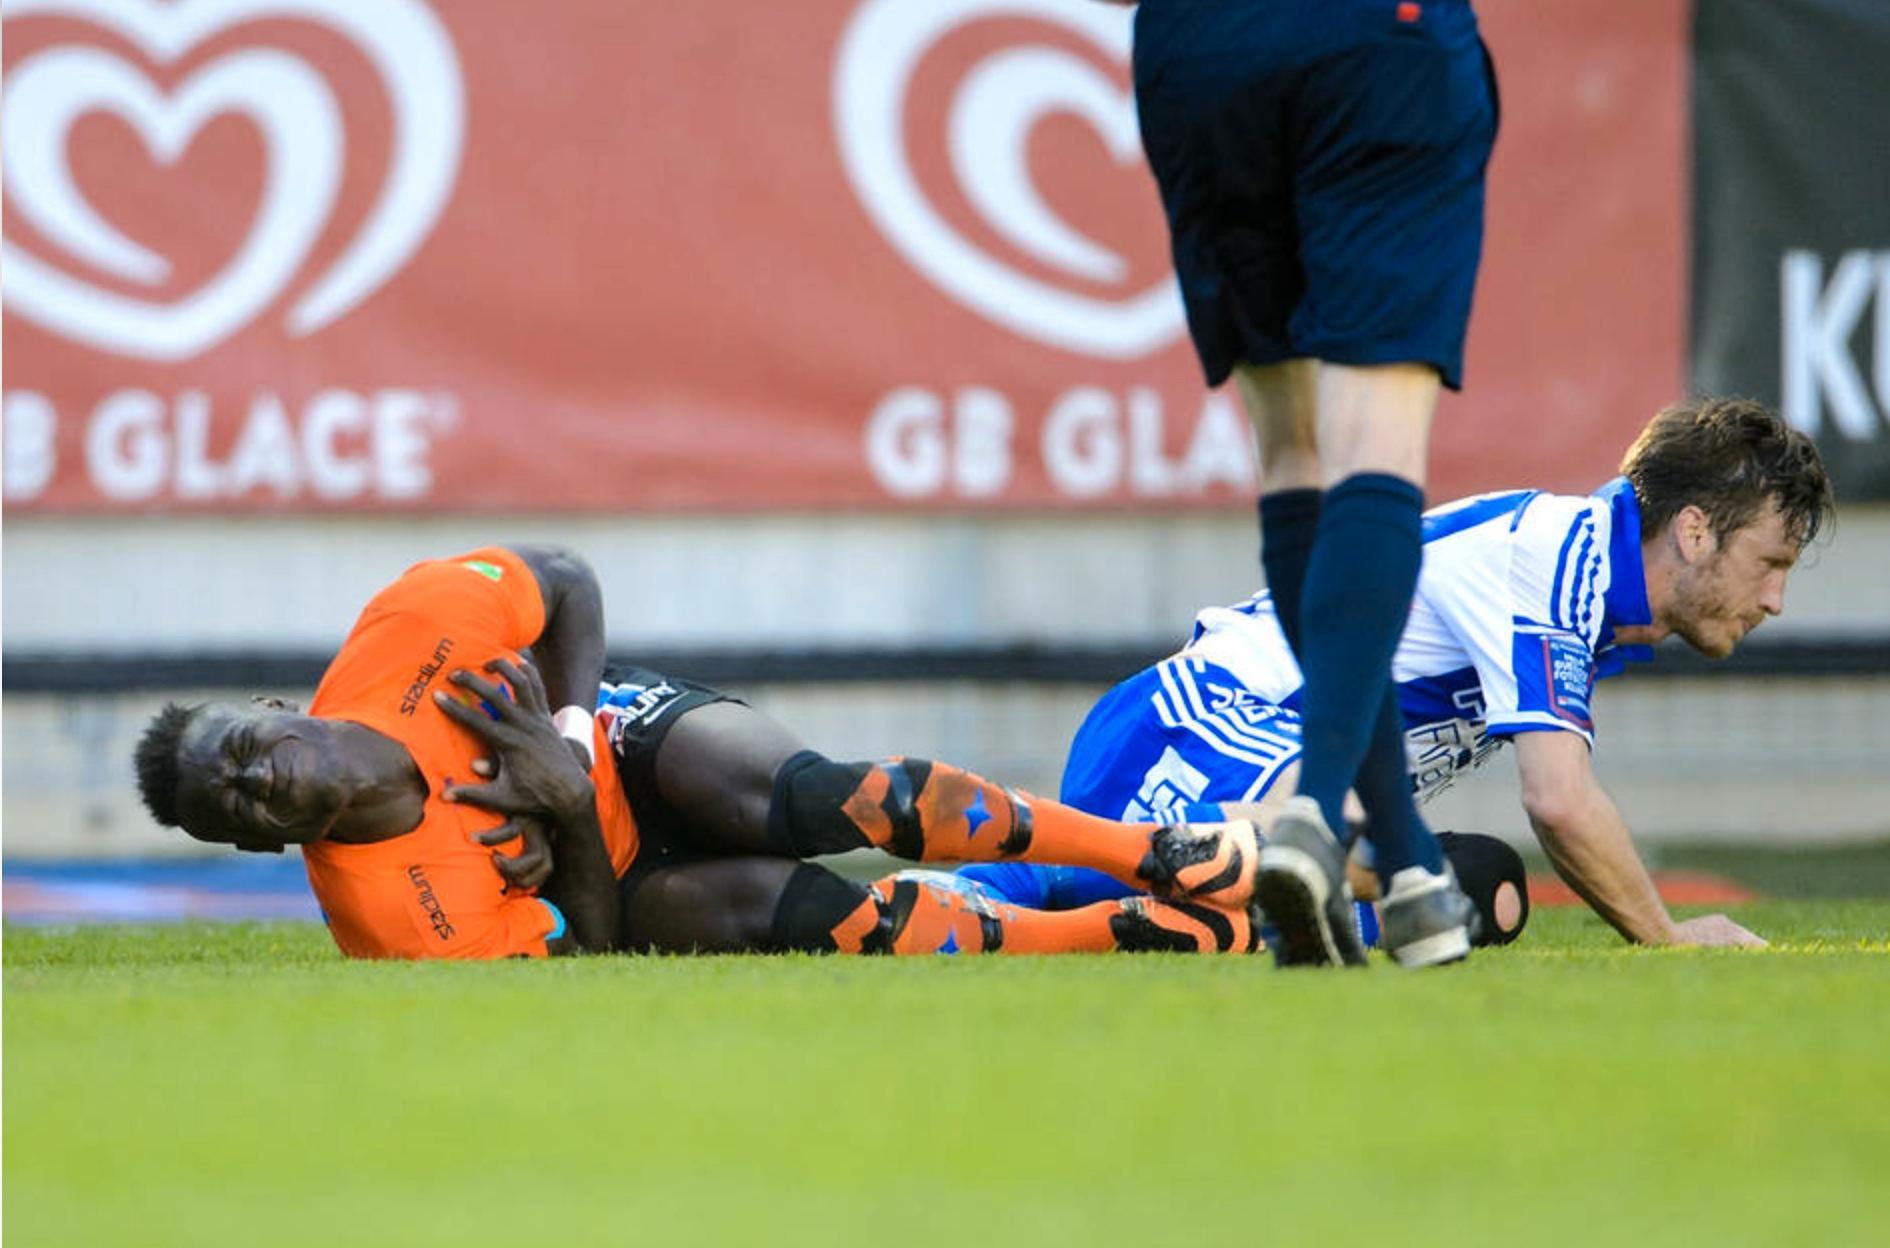 Alhaji Kamara ligger skadad efter att IFK Göteborgs Gustav Svensson tacklat honom.